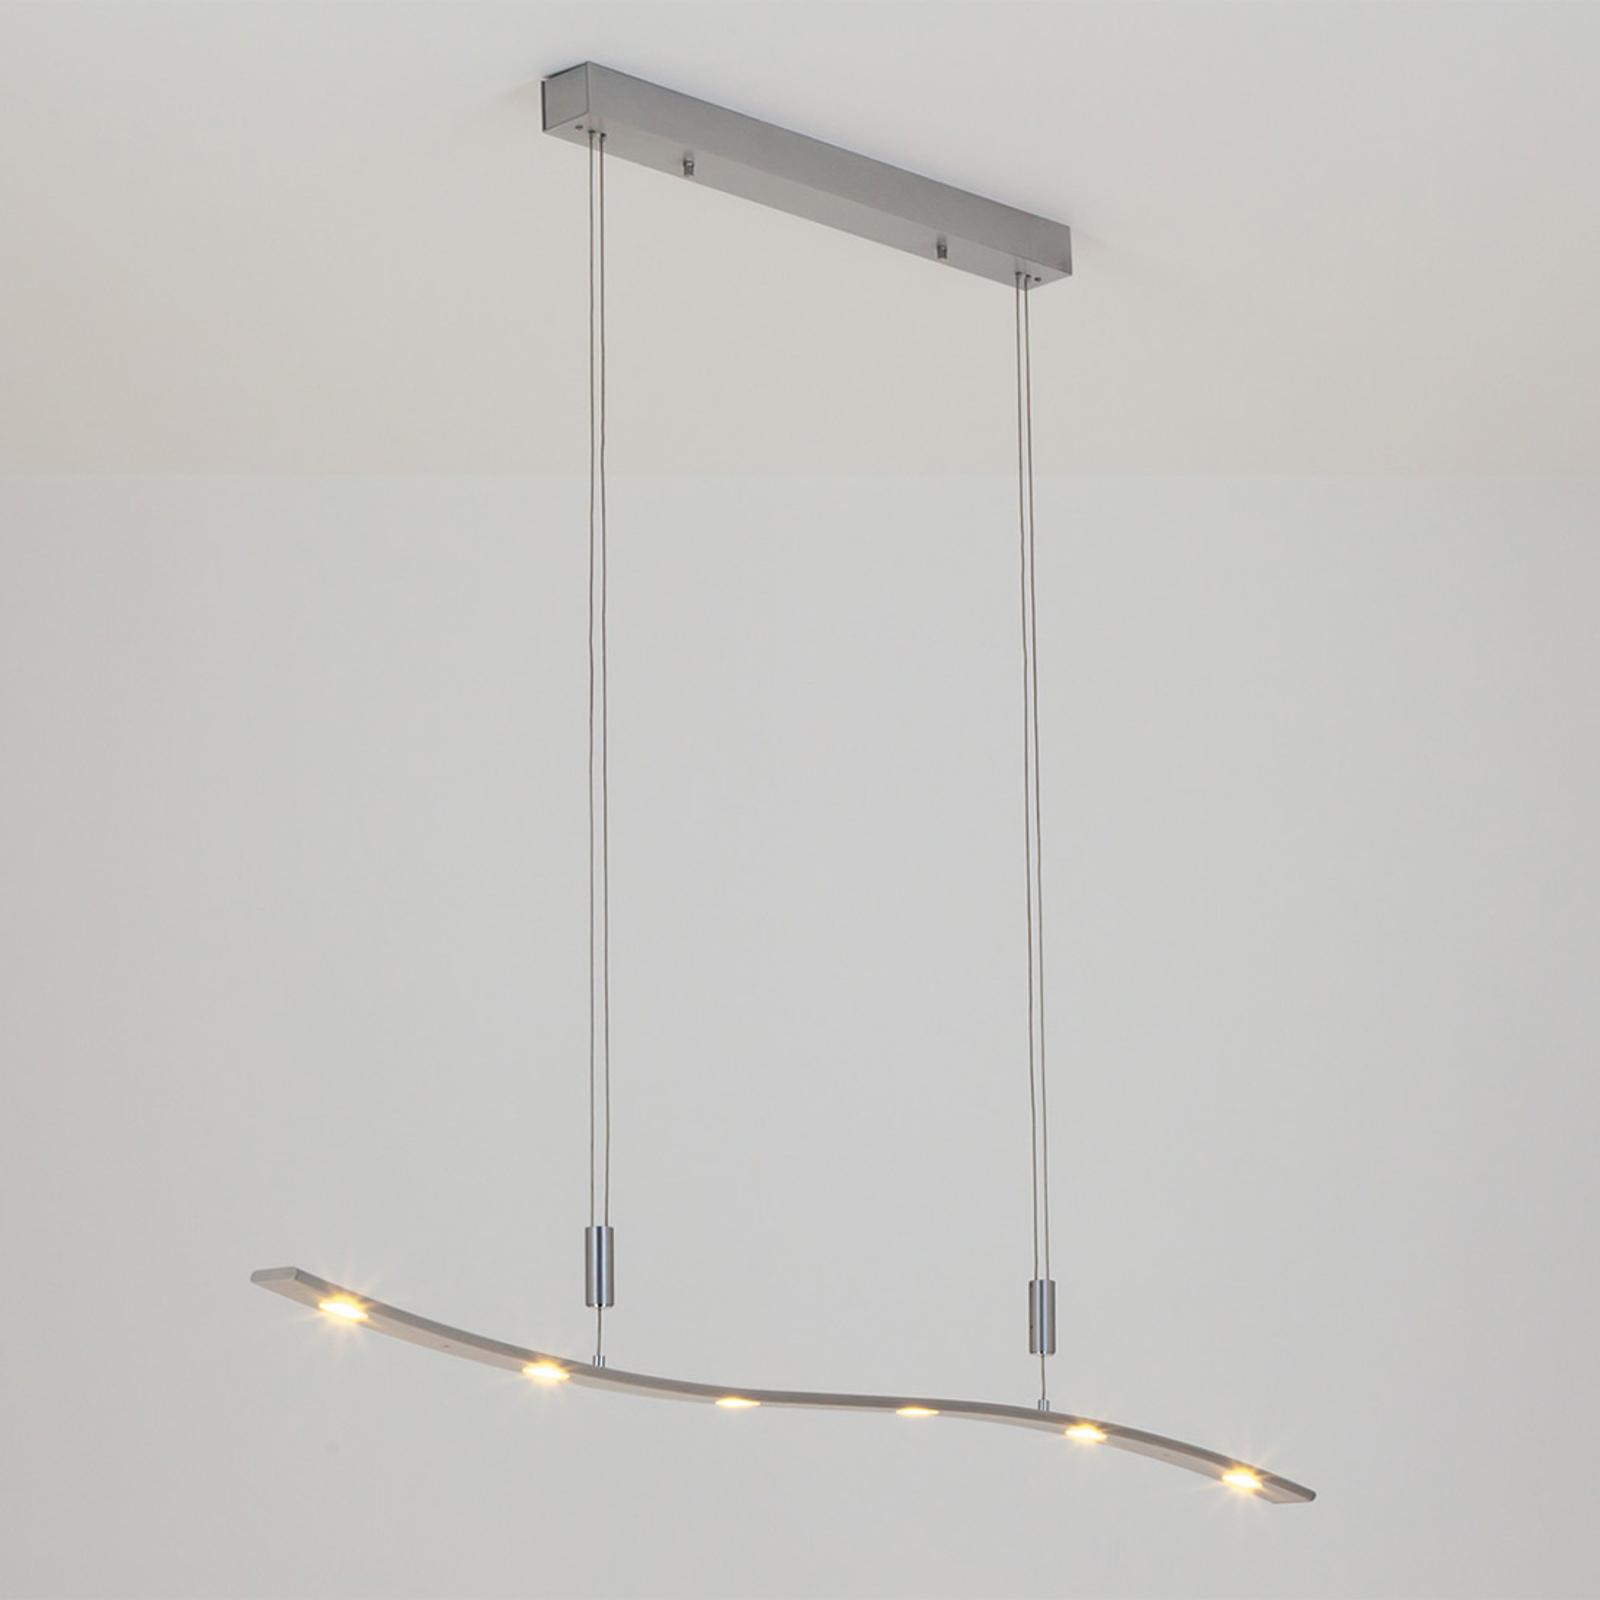 Lampa wisząca LED XALU z reg. wys., 120 cm